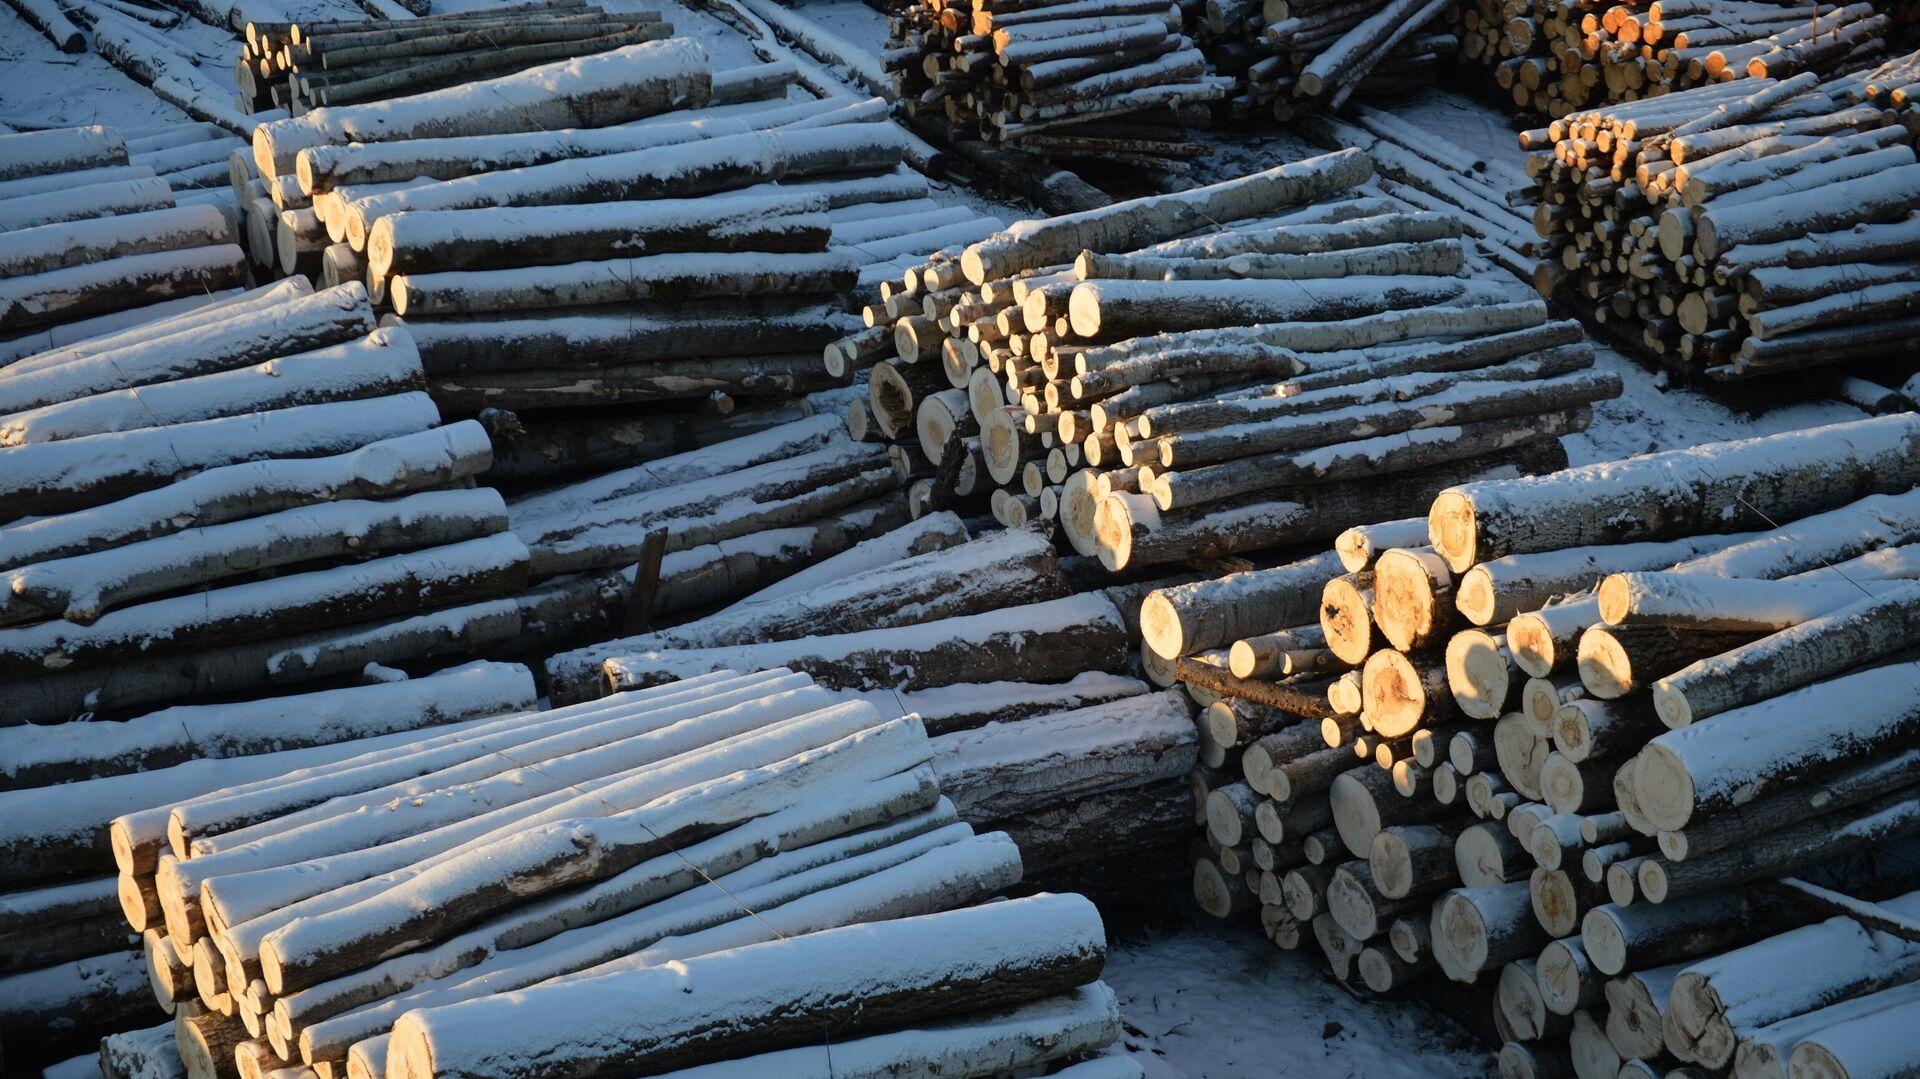 Мишустин утвердил стратегию развития лесного комплекса до 2030 года